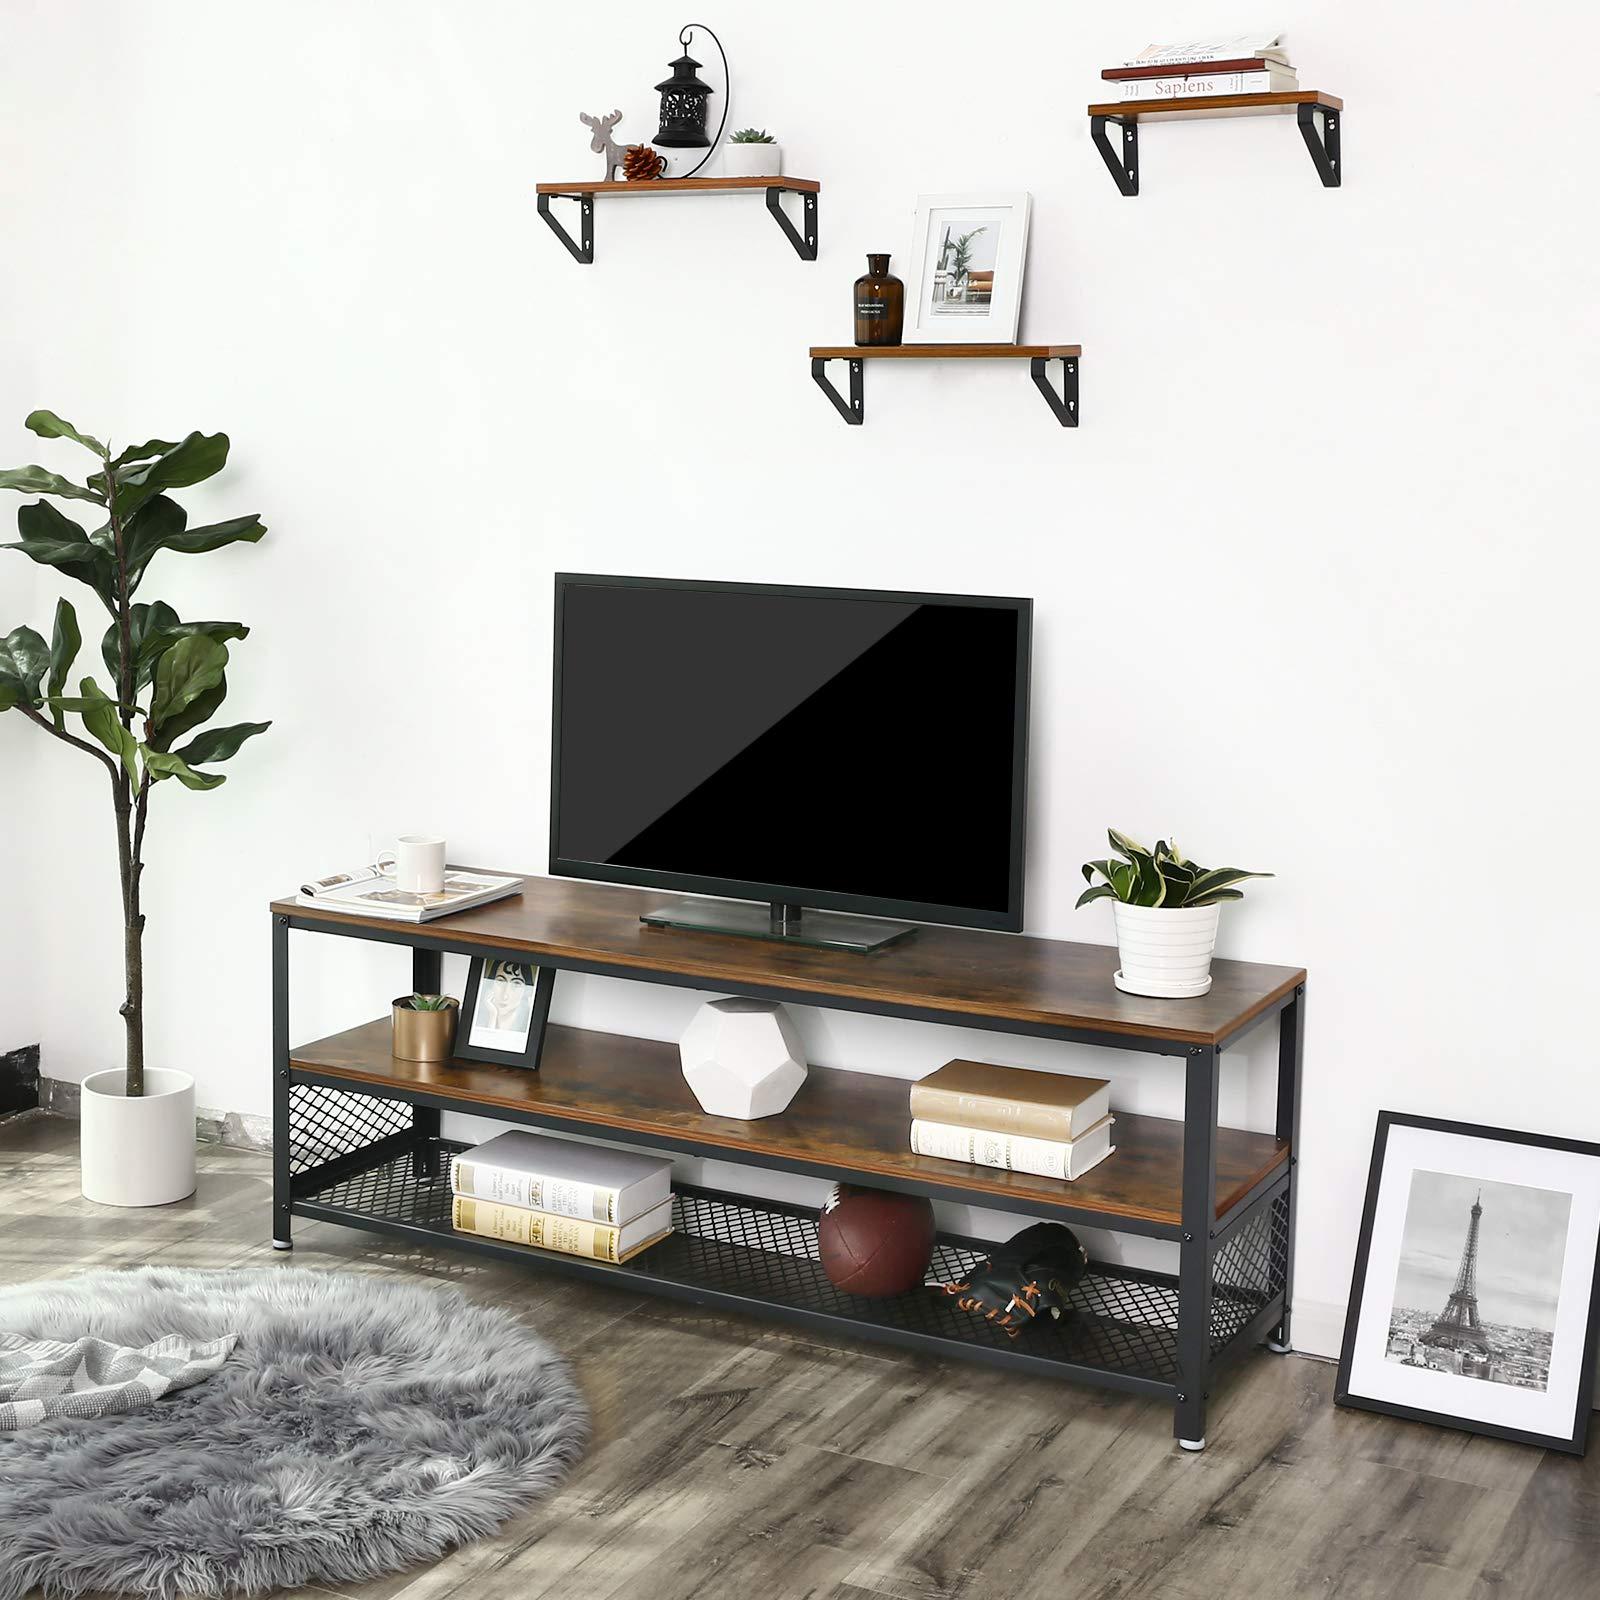 Vasagle Meuble Tv Vintage Modele Long Table Basse Table De Salon Armature Metallique Texture Bois Pour Chambre Salon Brun Rustique Ltv50bx